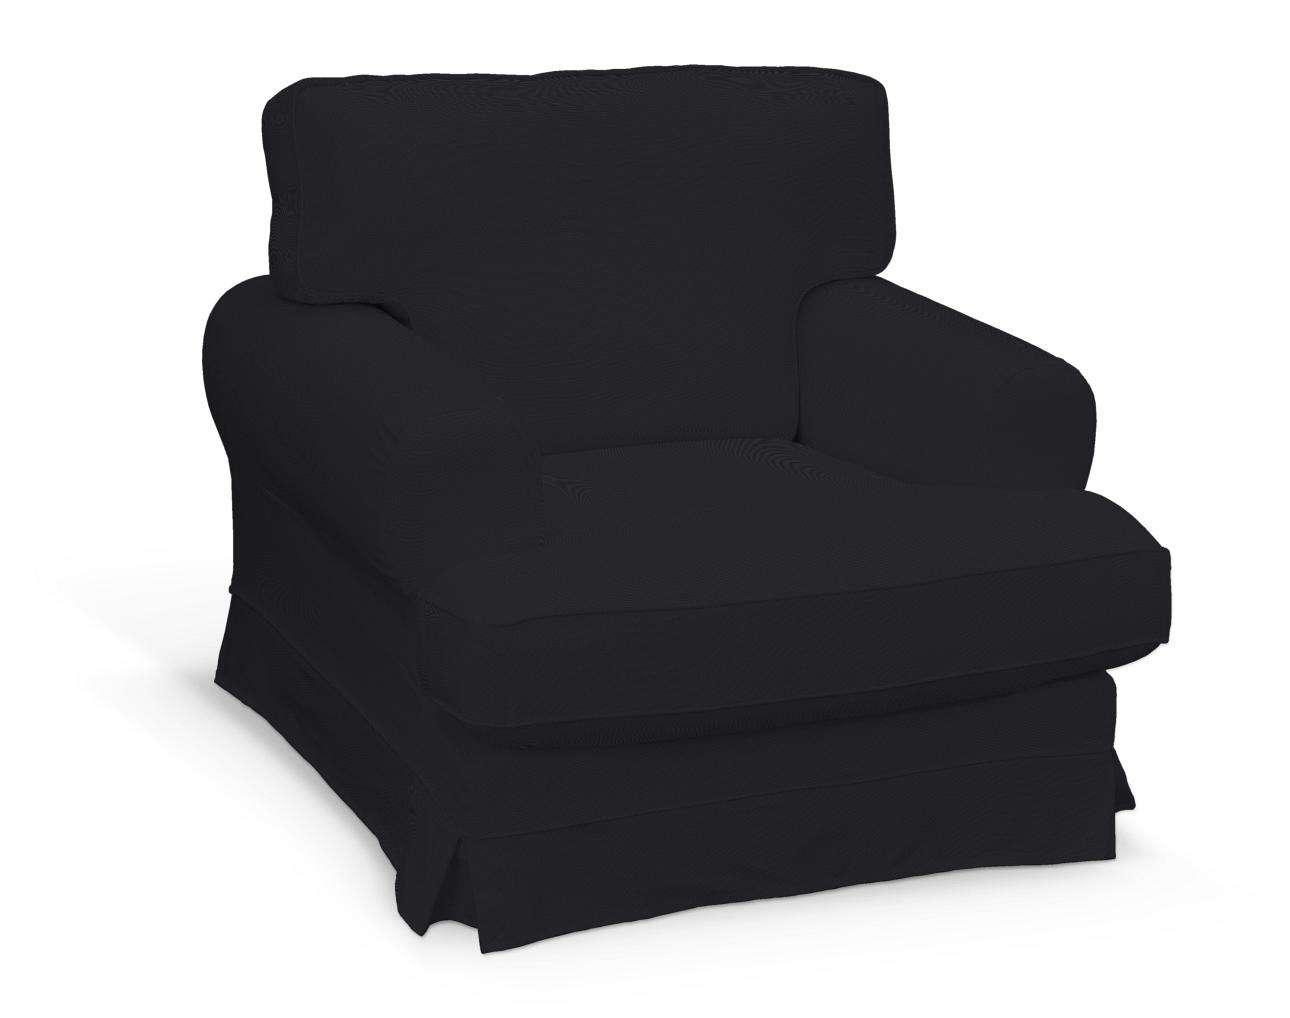 Pokrowiec na fotel Ekeskog Fotel Ekeskog w kolekcji Etna , tkanina: 705-00